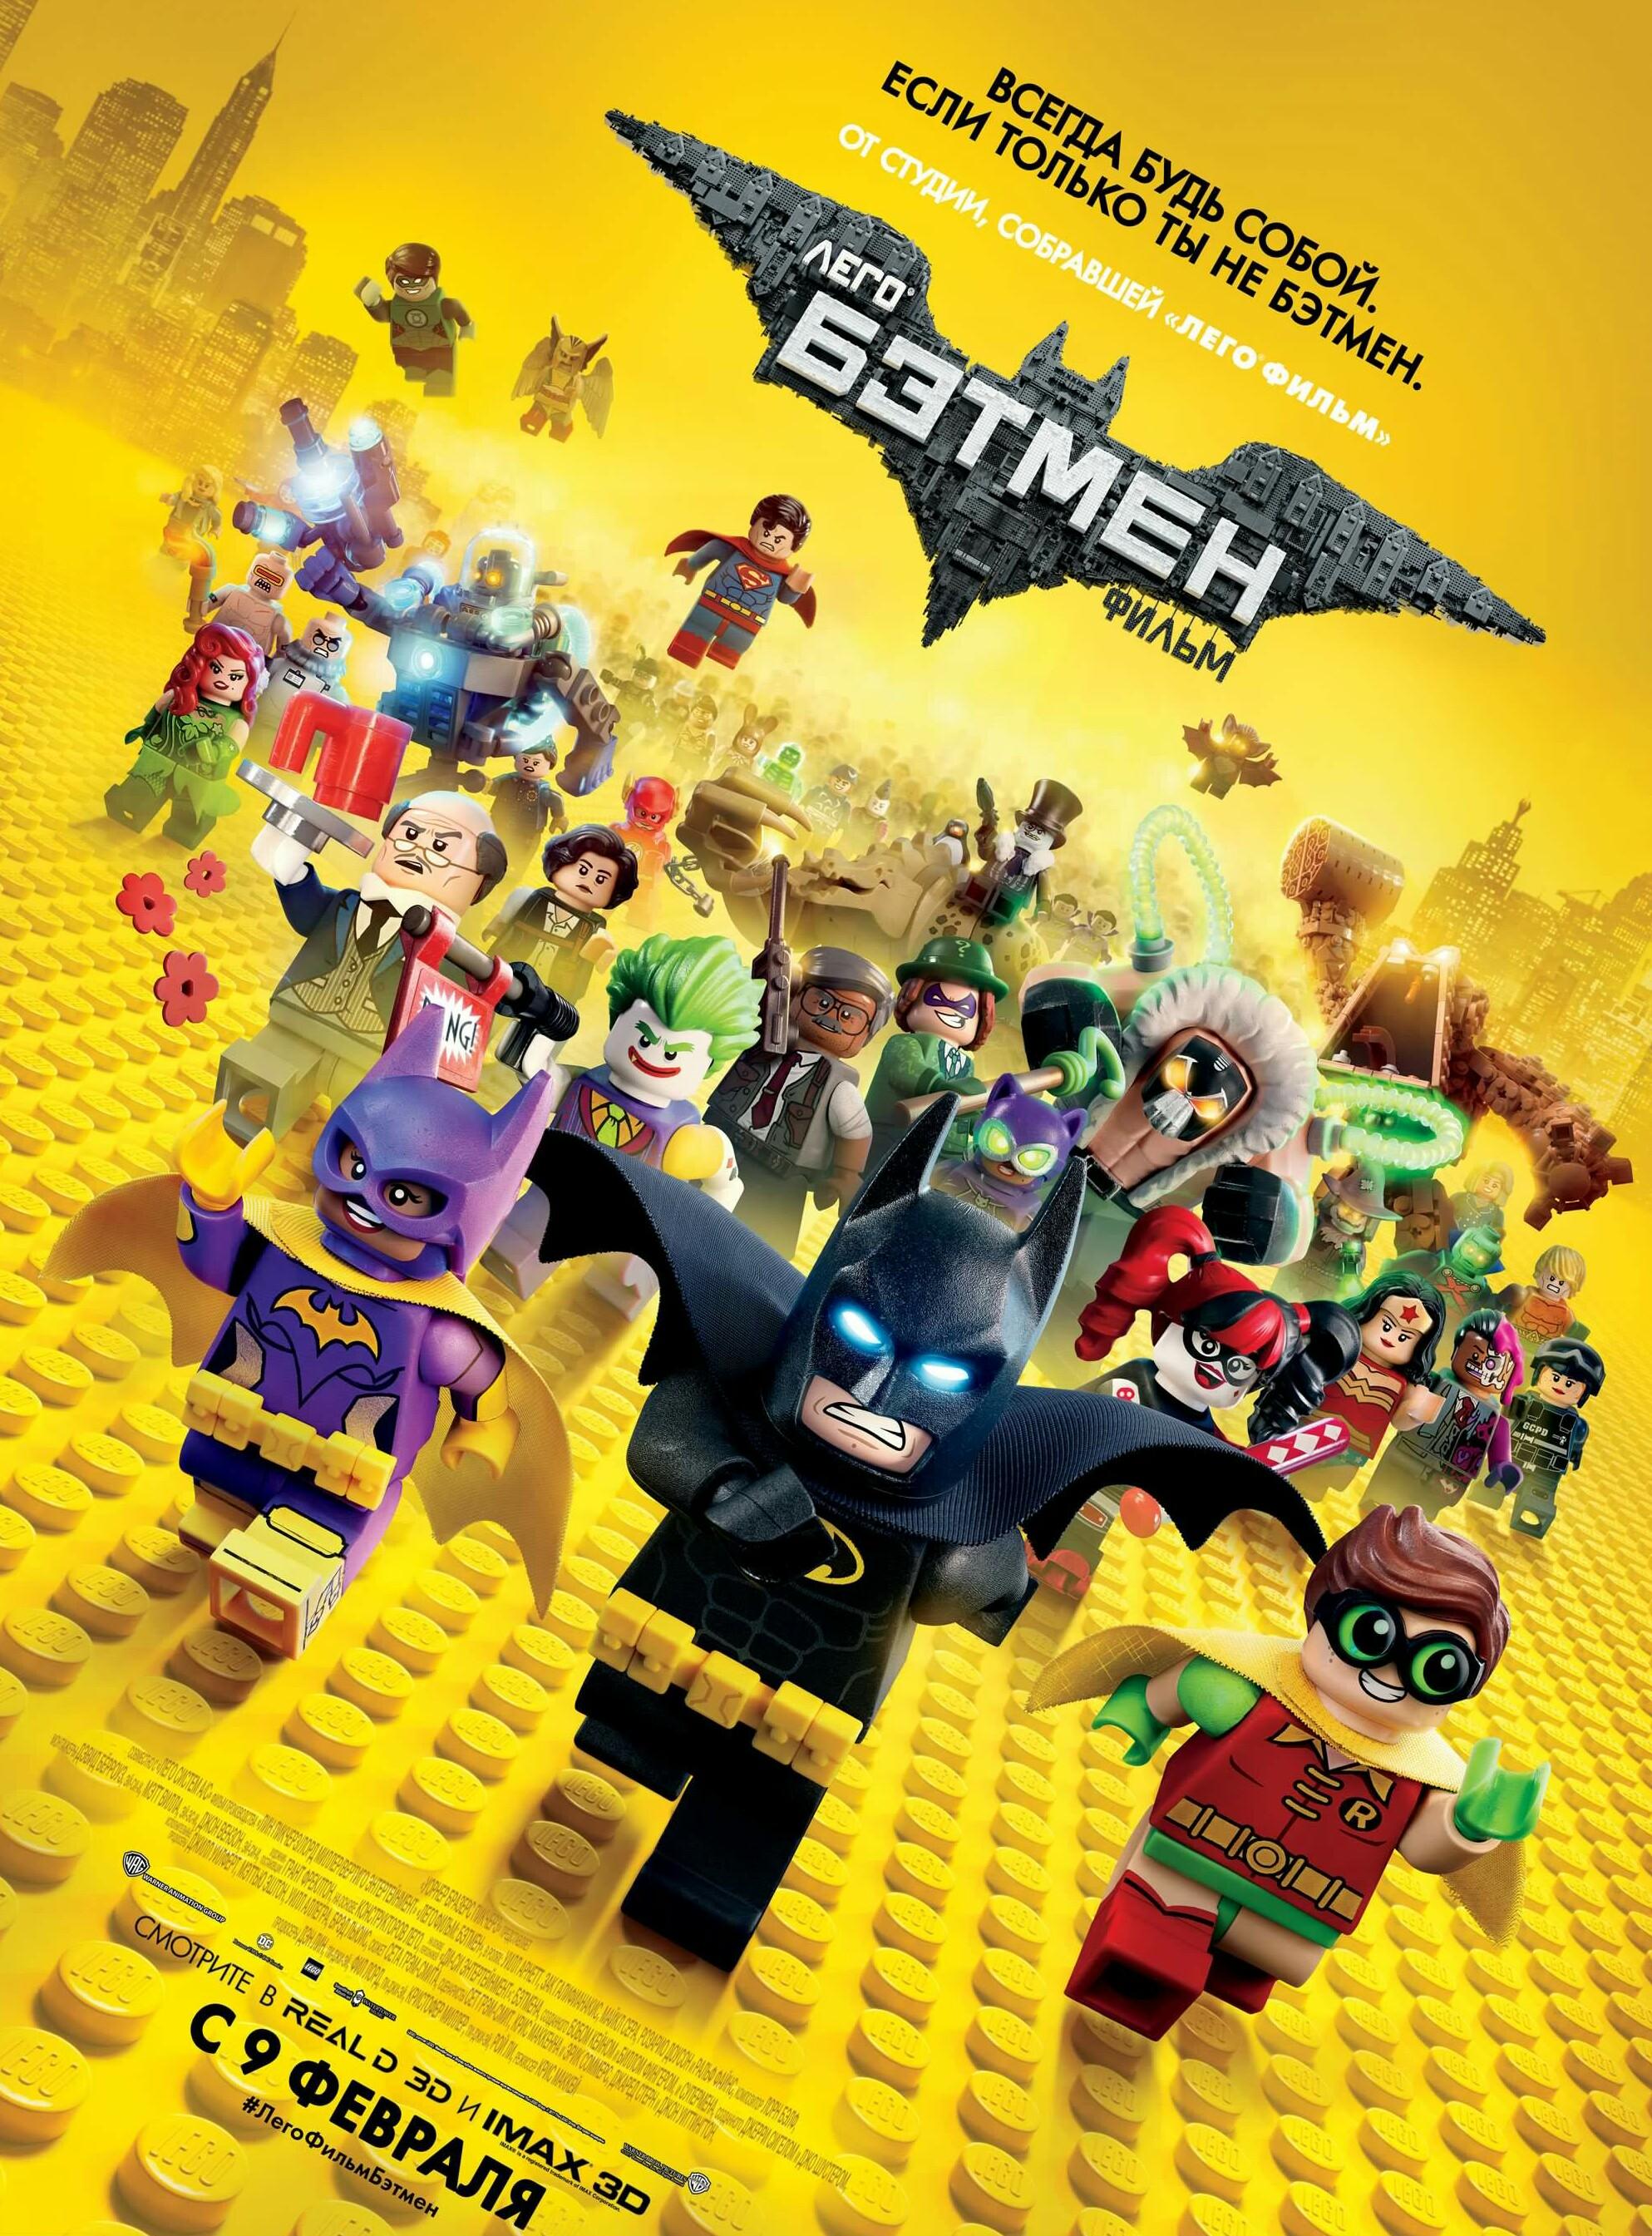 Лего Фильм Бэтмен 2017 смотреть онлайн бесплатно в